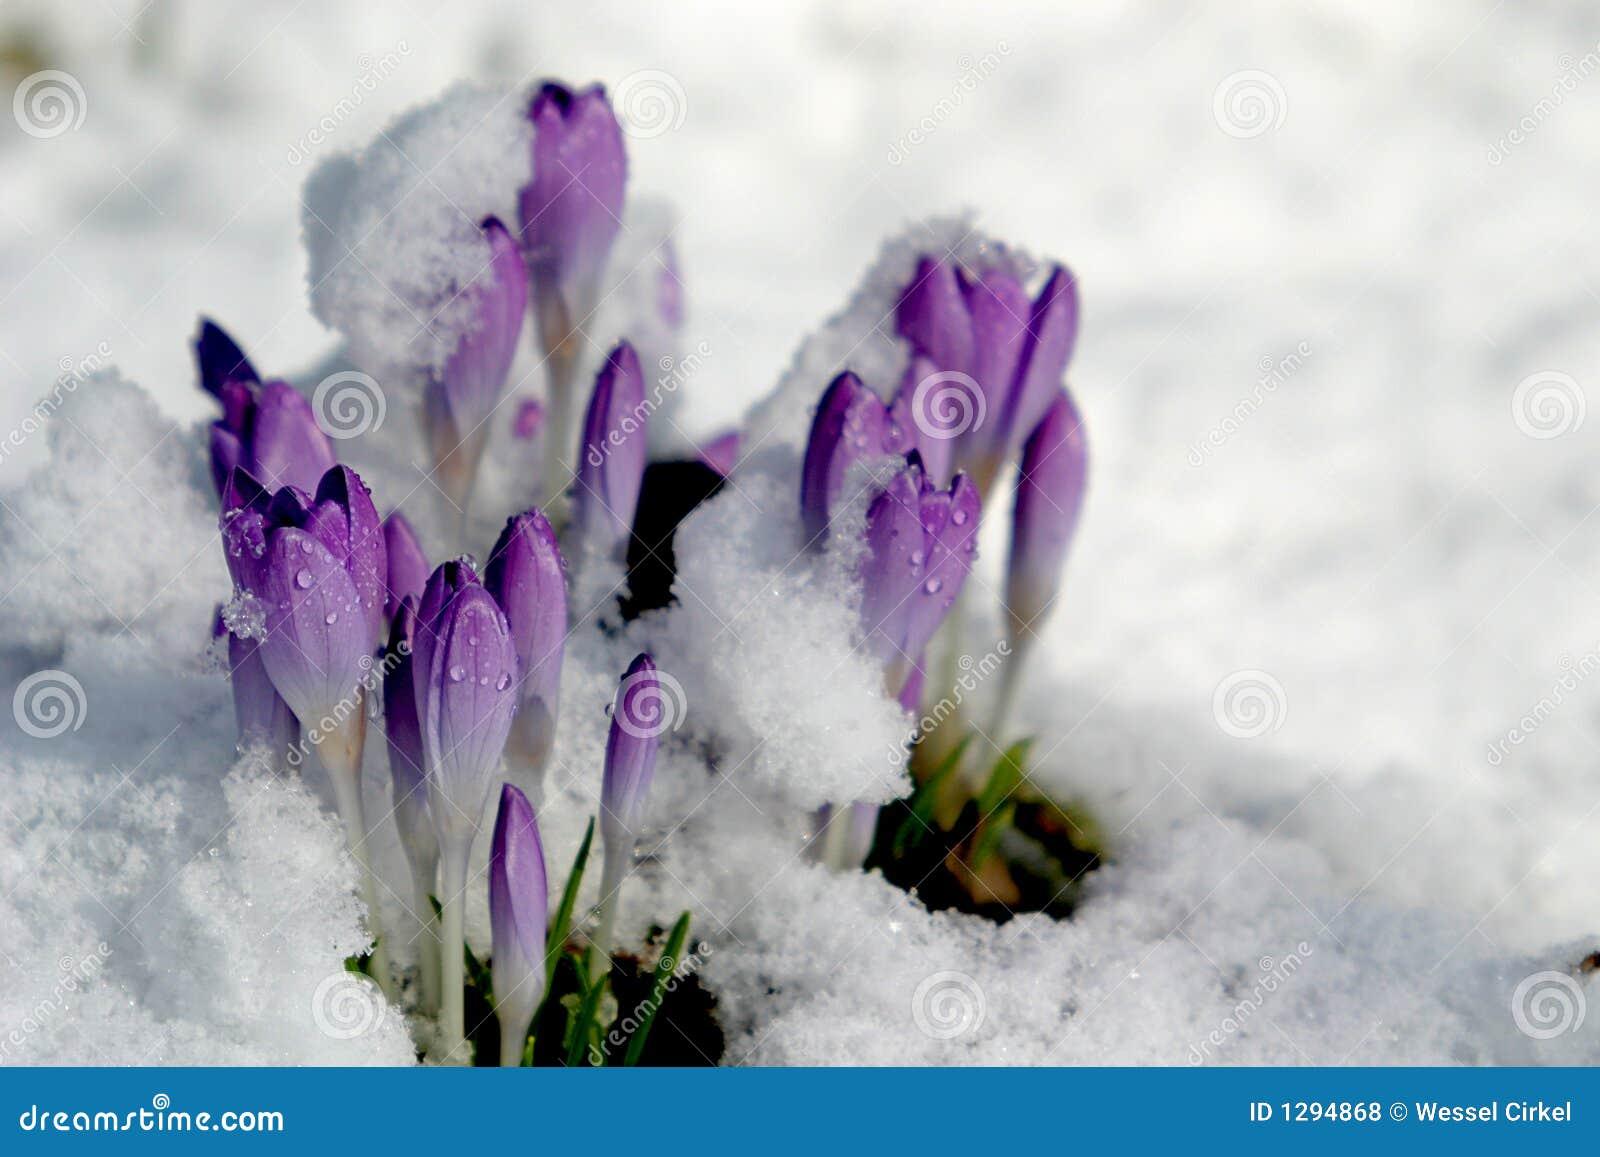 Krokus in de sneeuw (de lente)